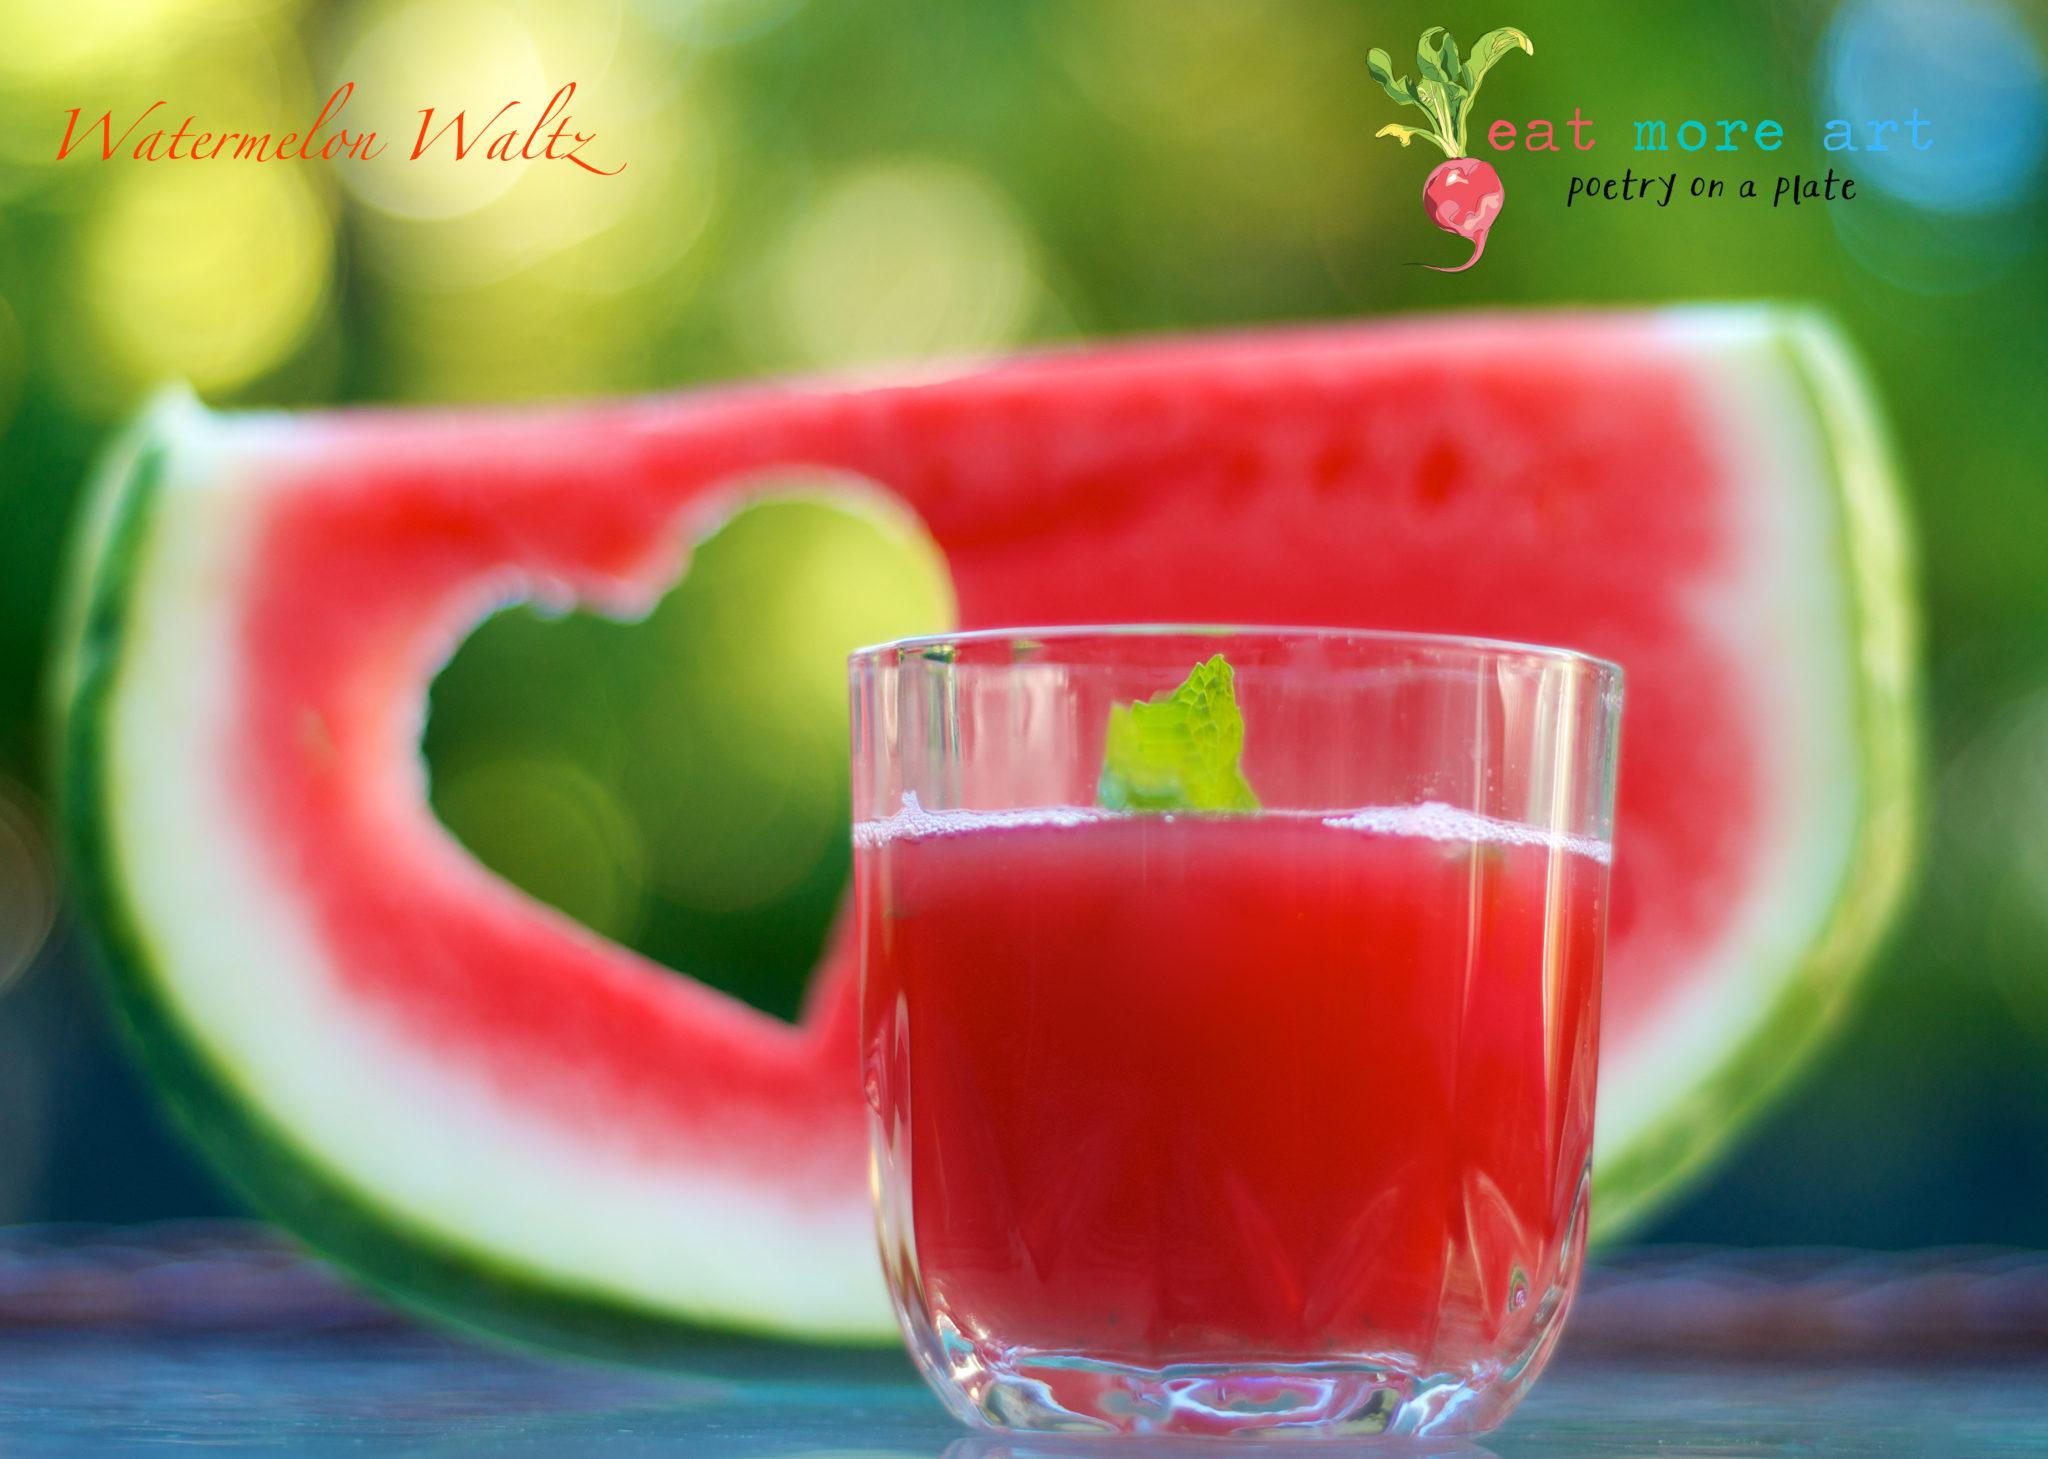 Watermelon Waltz